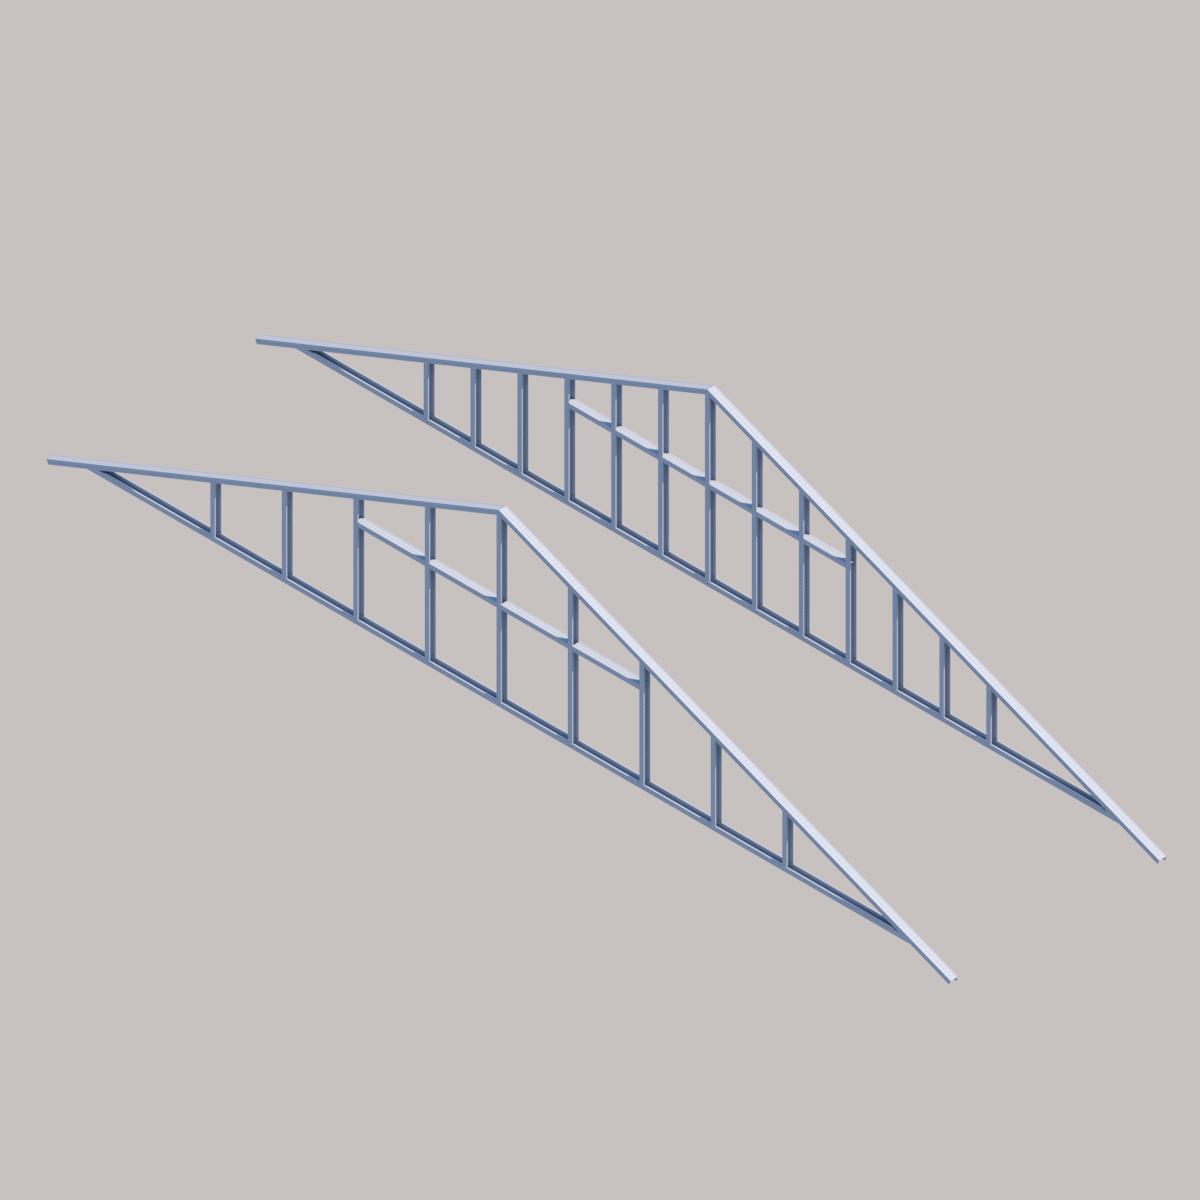 Frontón Prefabricado de Acero de Tecnopanel en BIM